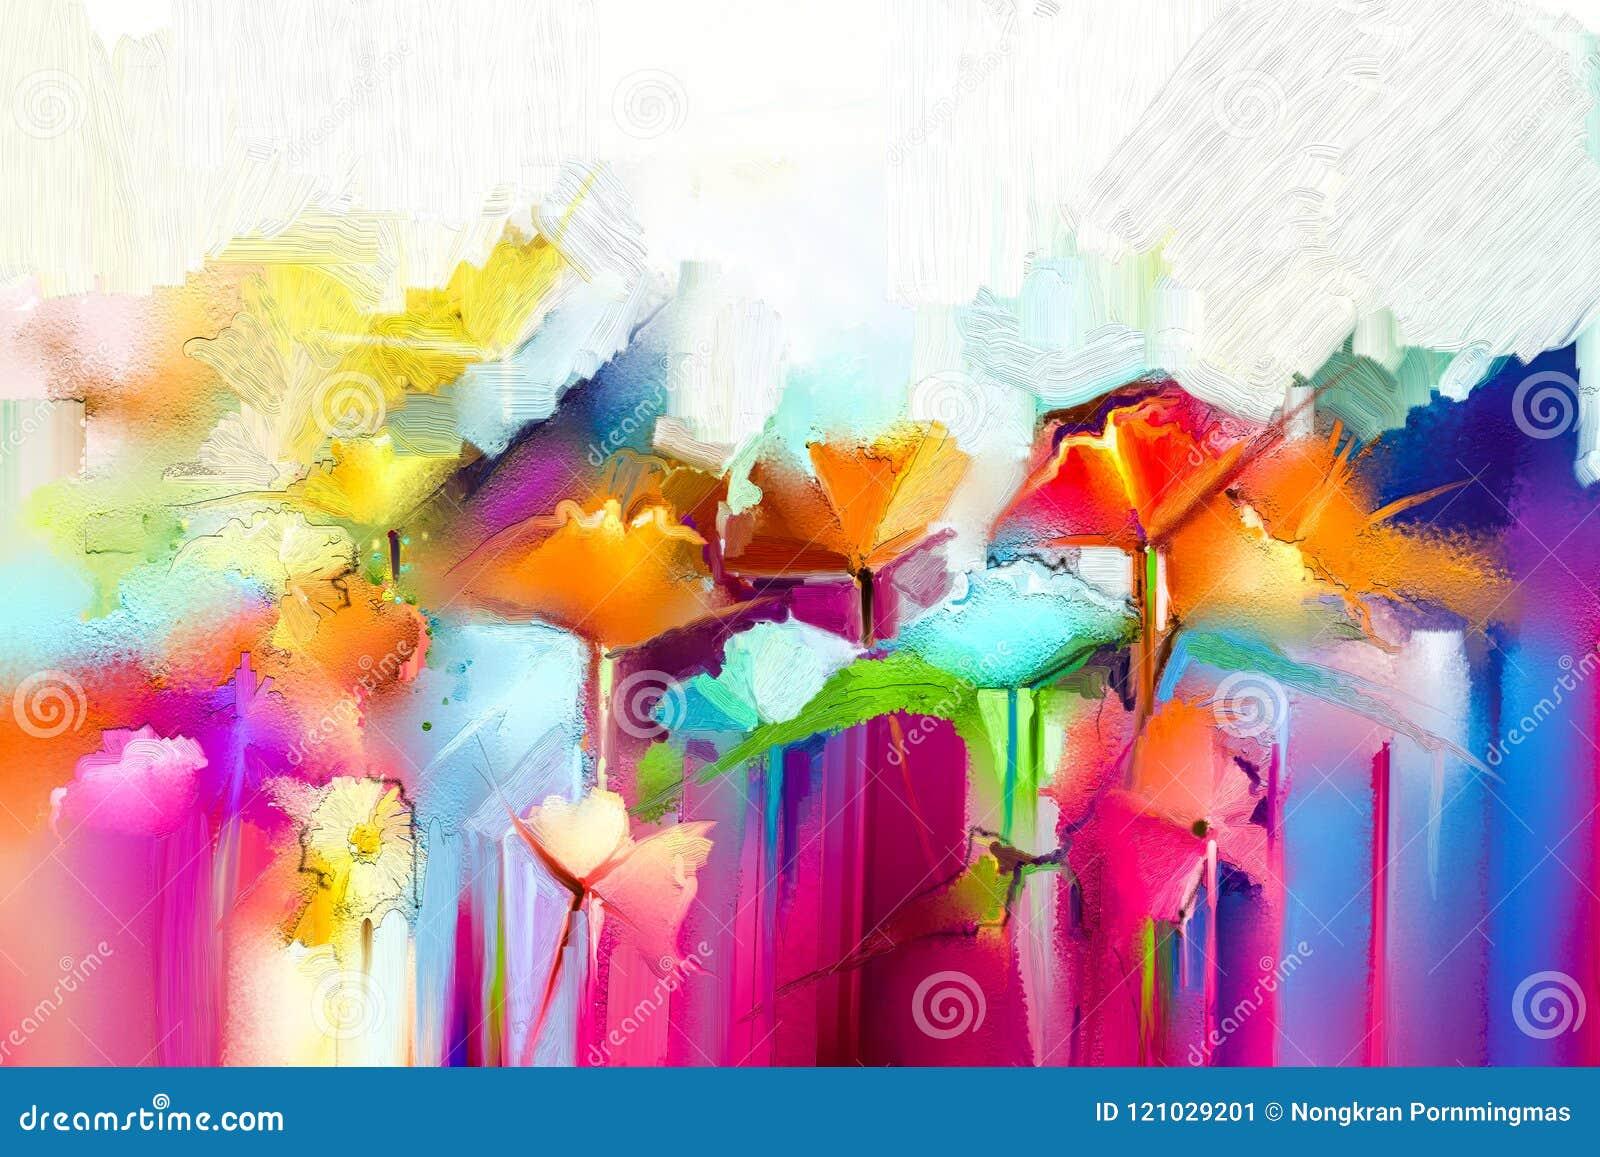 Abstraktes buntes Ölgemälde auf Segeltuch Halb- abstraktes Bild von Blumen, in Gelbem und in Rotem mit blauer Farbe